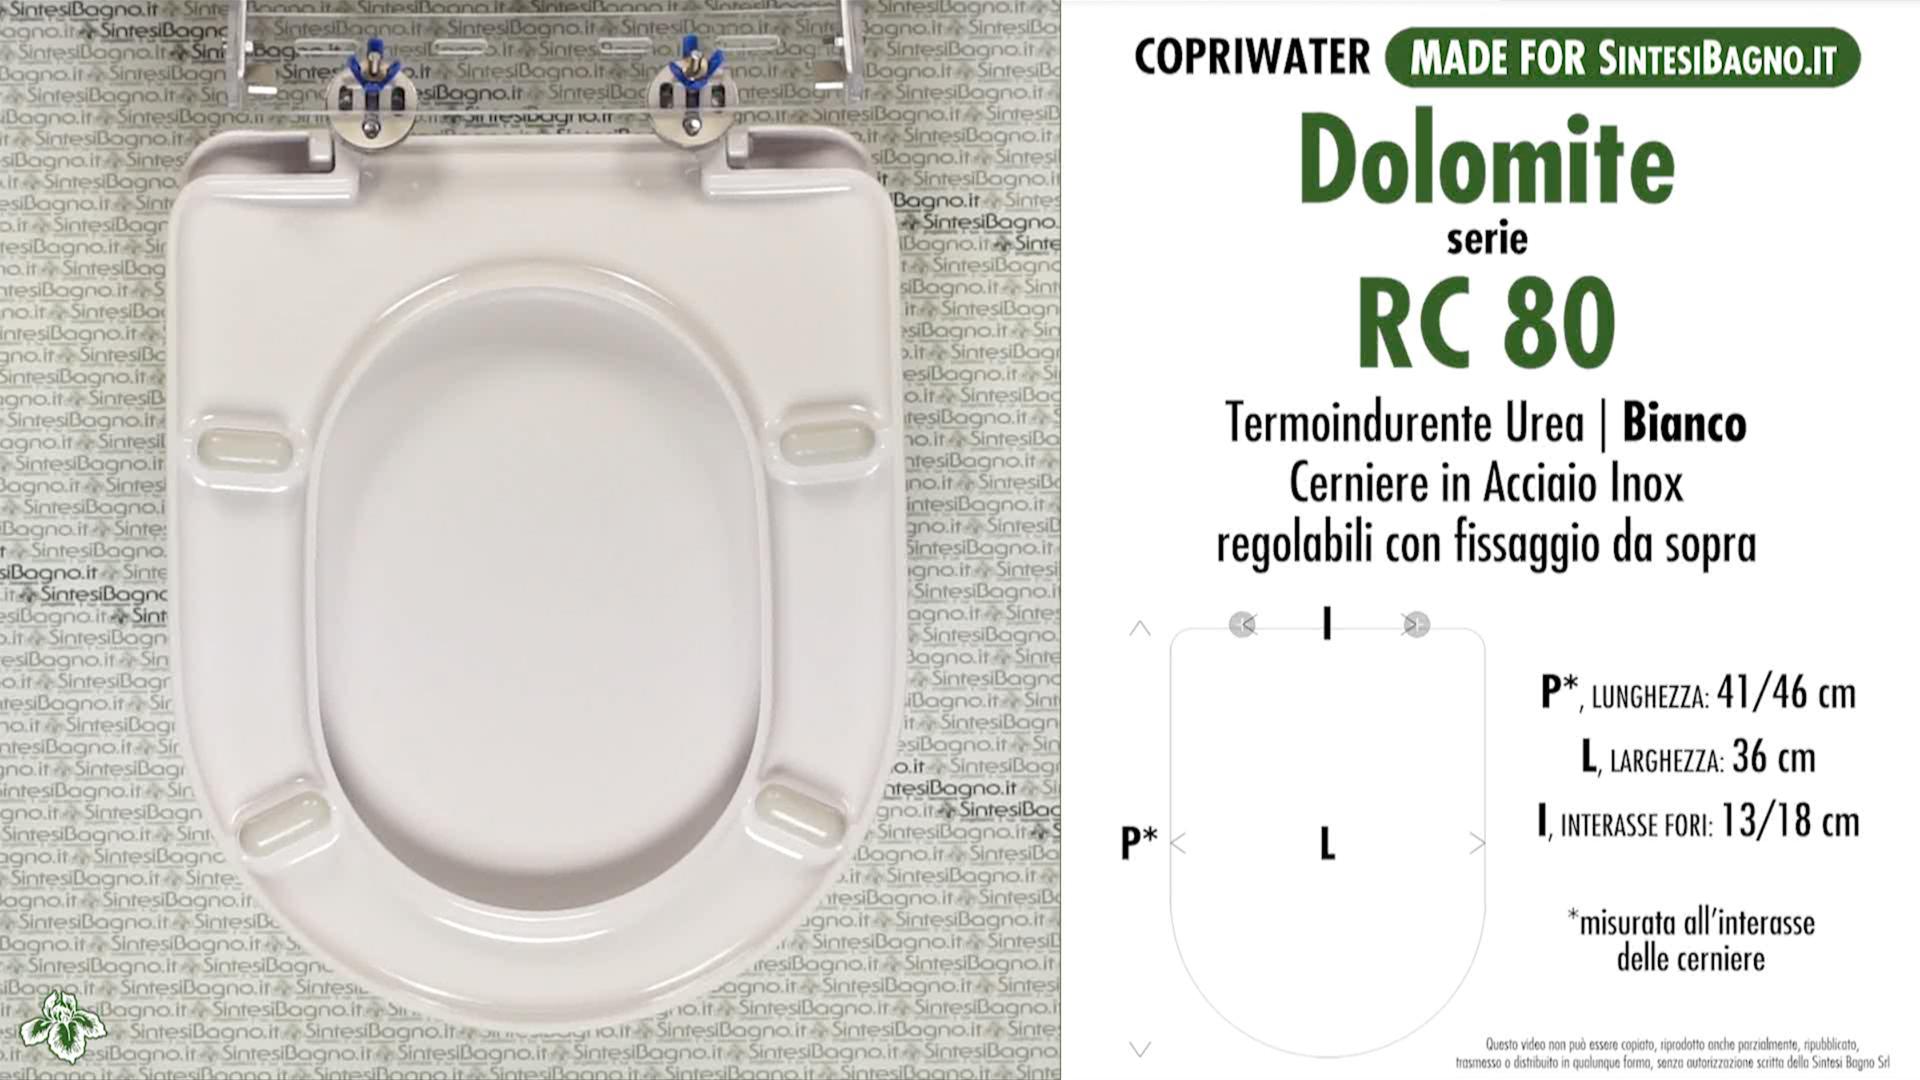 SCHEDA TECNICA MISURE copriwater DOLOMITE RC 80